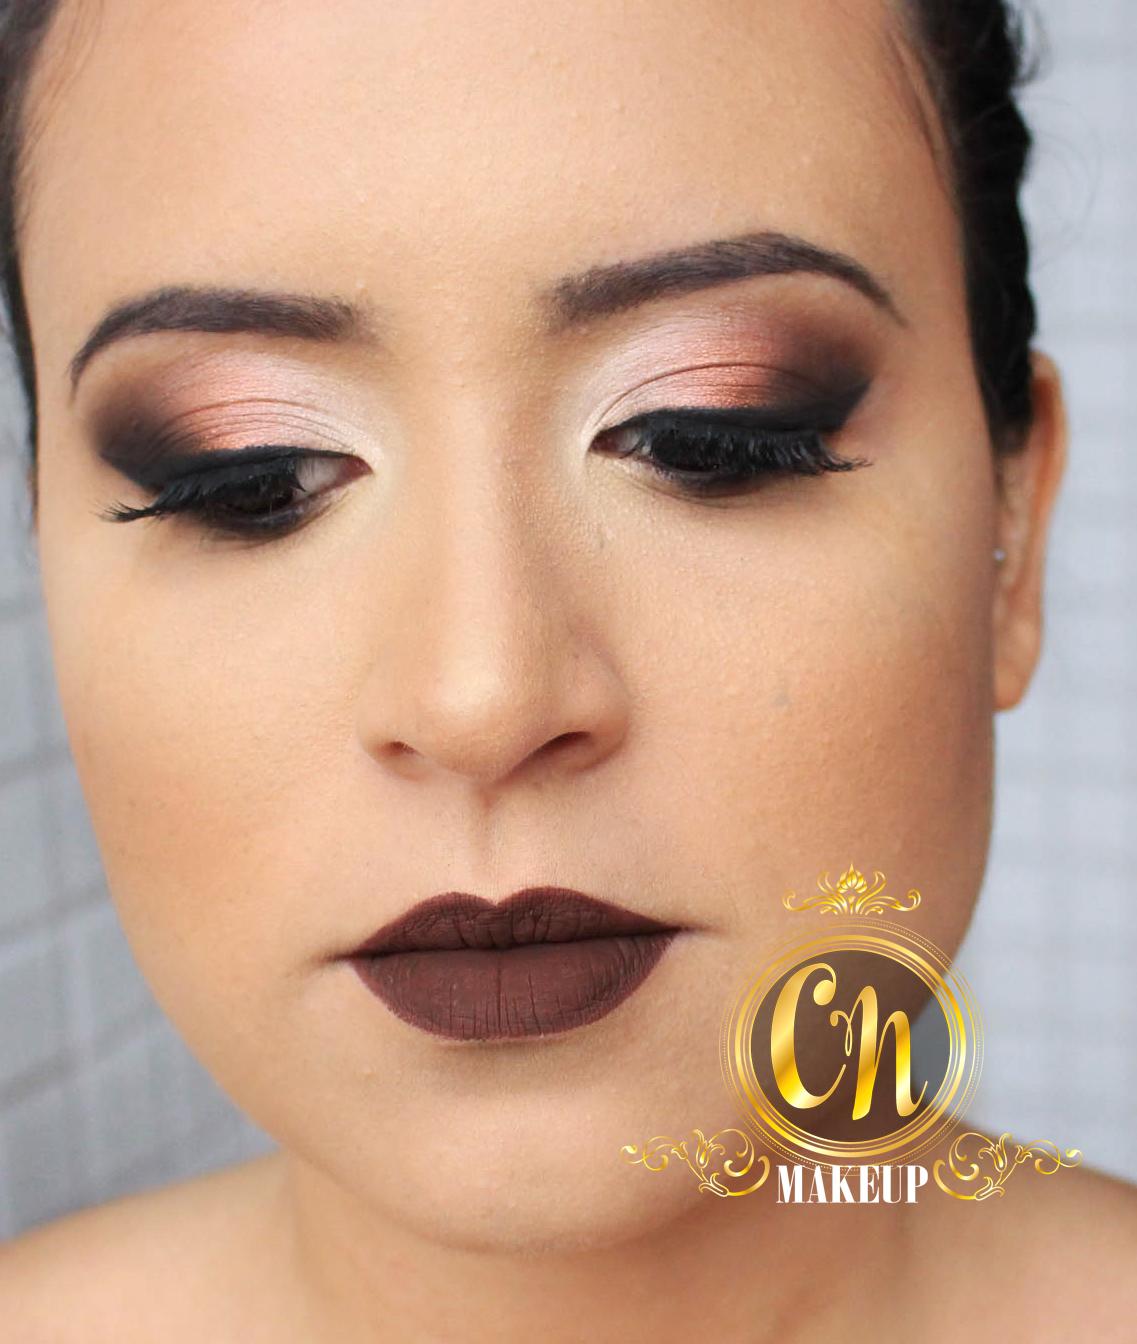 Maquiagem neutra porém poderosa! Formanda linda! #maquiagemformatura #maquiagemubatuba #formanda #makeup maquiagem maquiador(a)